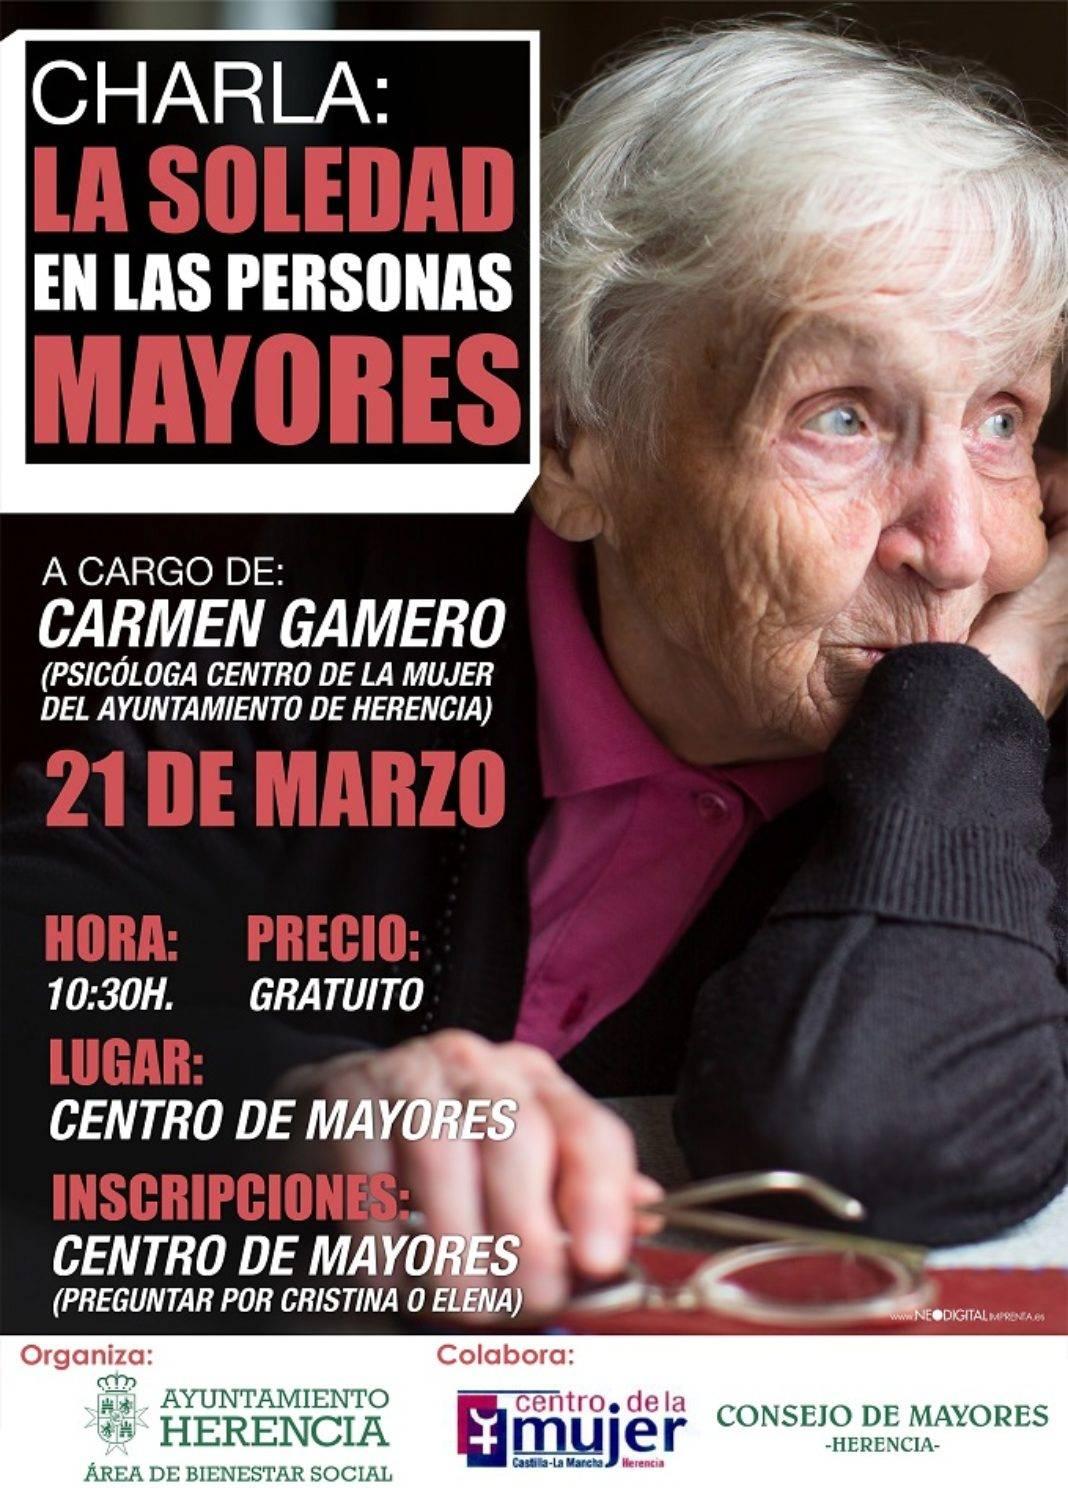 Charla sobre la soledad en las personas mayores 4